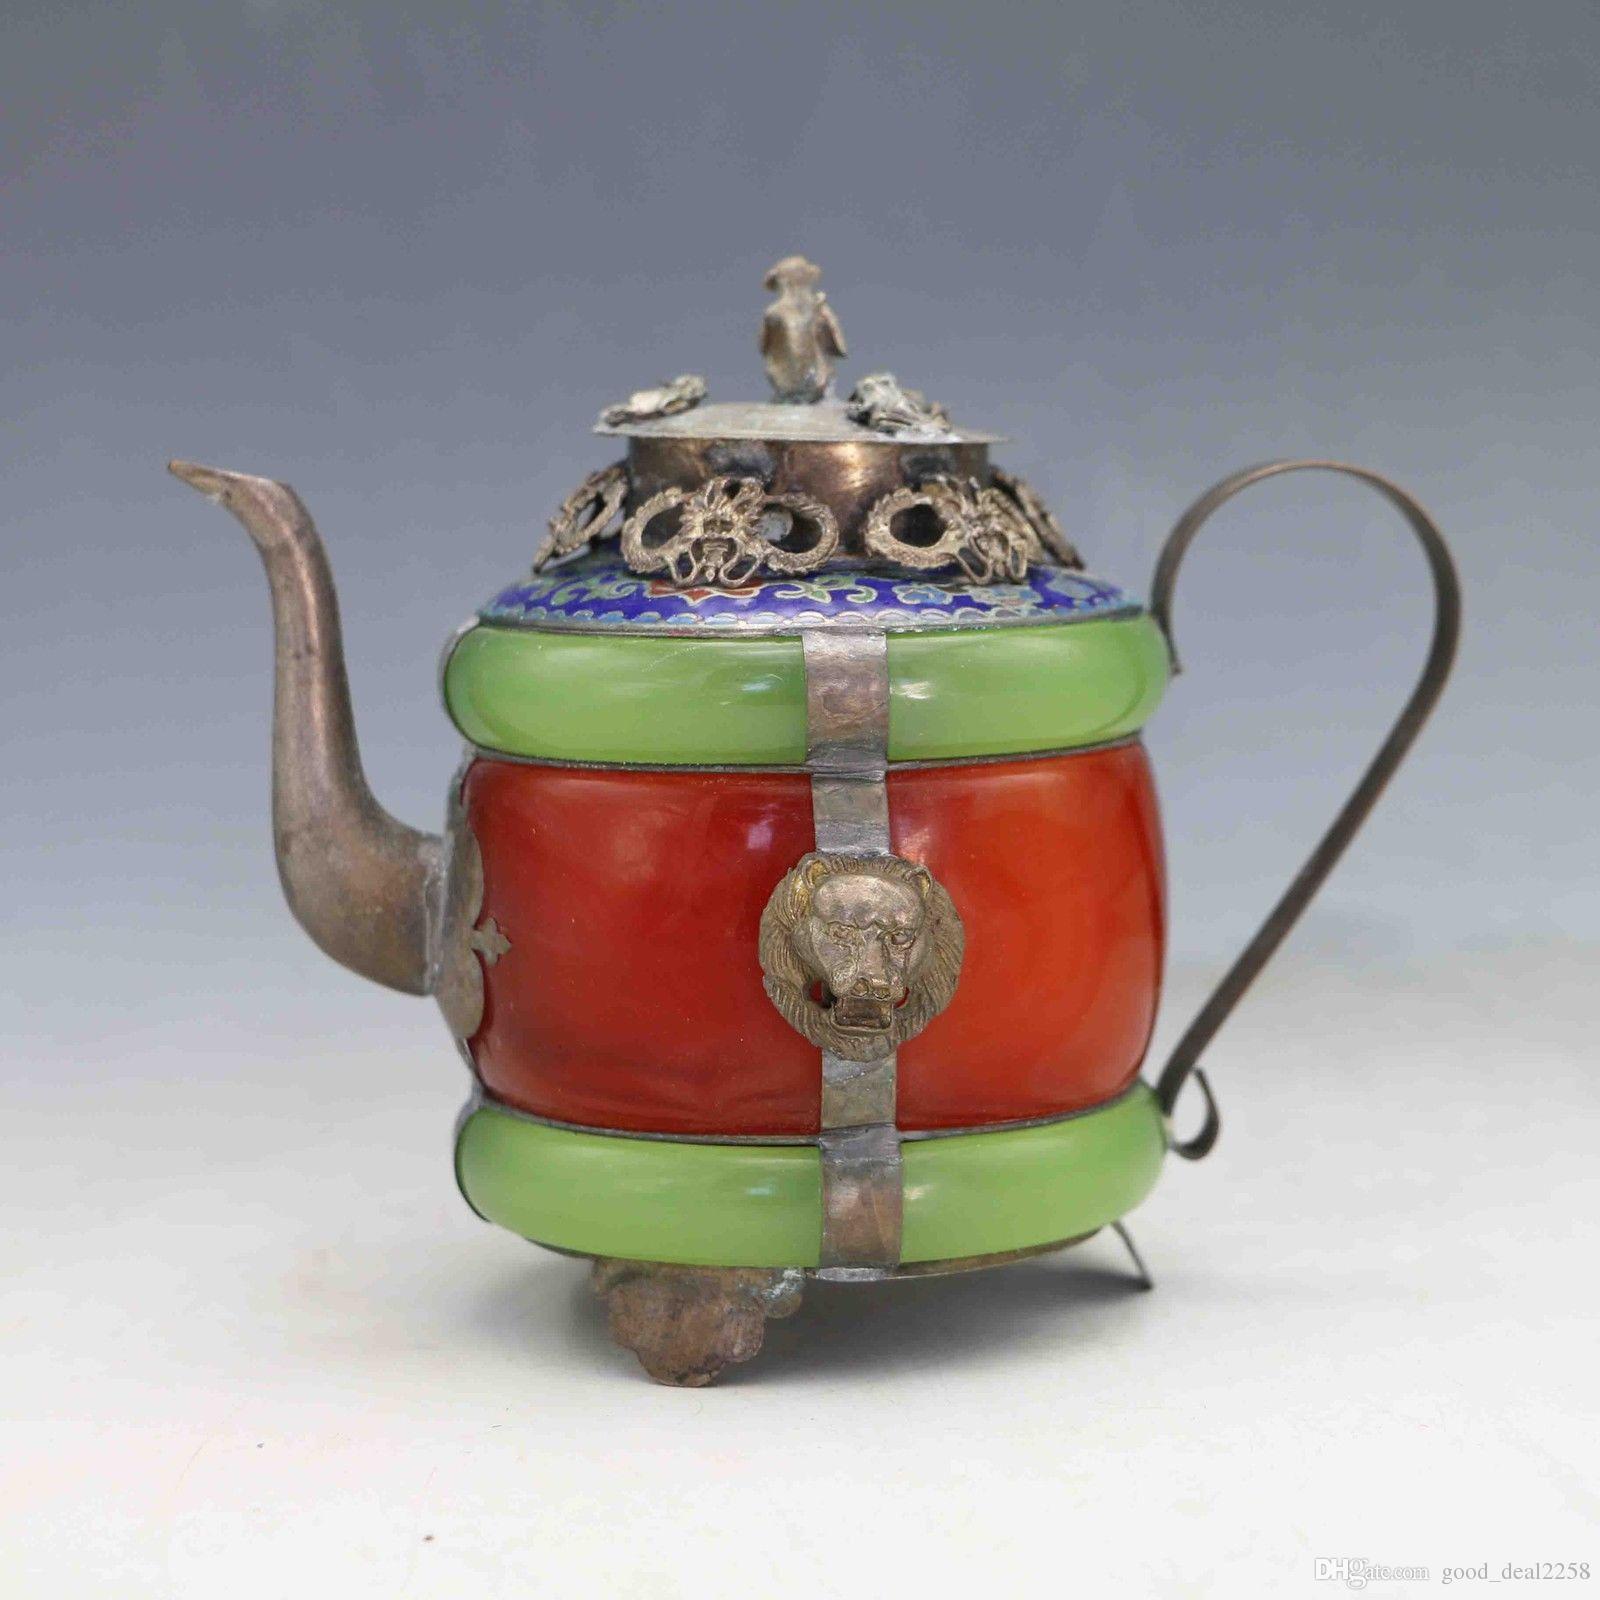 Collezione Decorazione Cinese naturale giada Armatura Drago ione Tibet Argento Lavoro manuale Teiera Scimmia coperchio